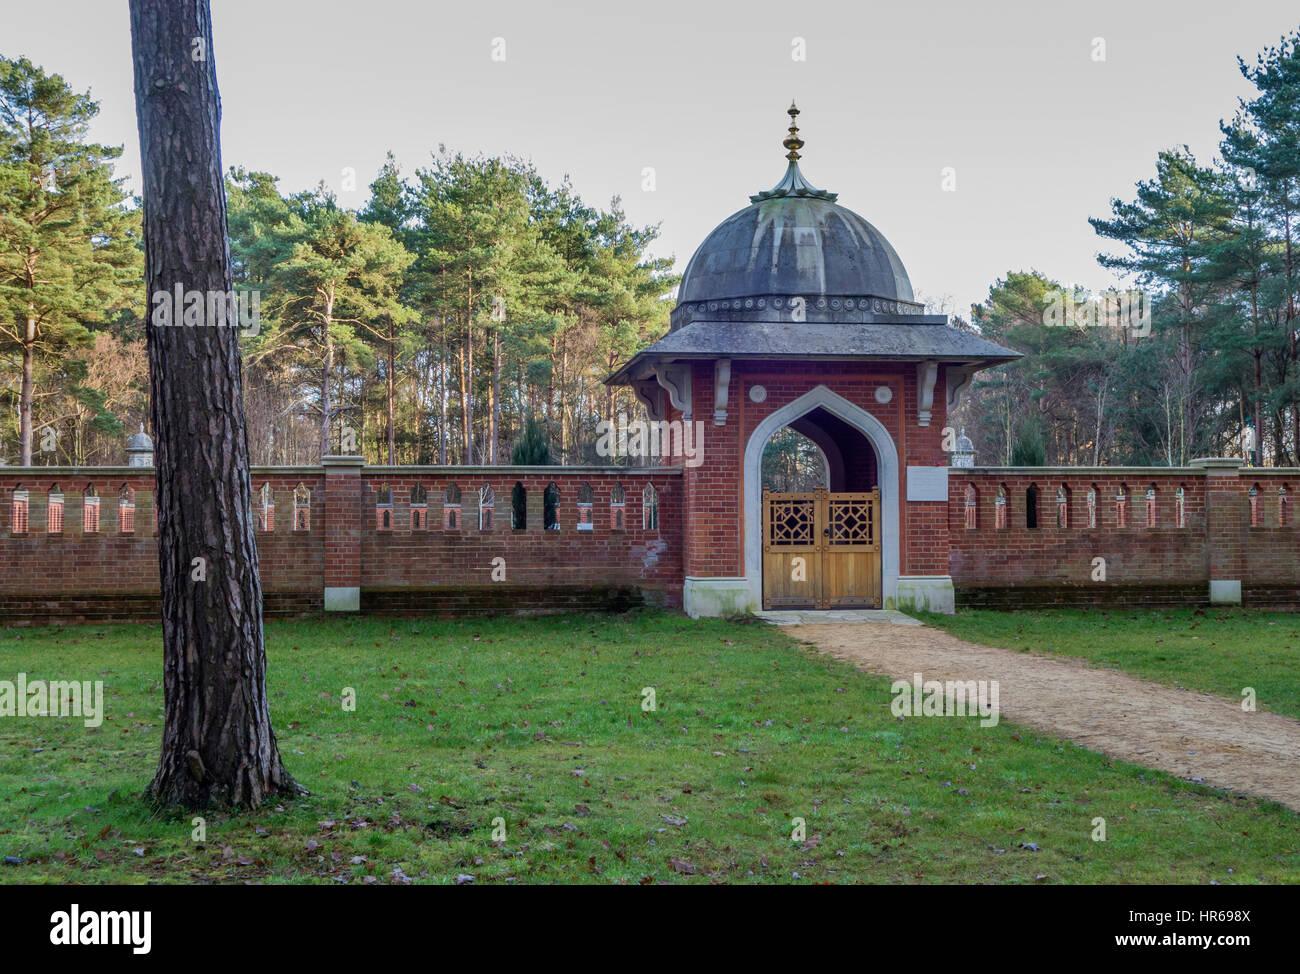 Musulmani il Cimitero di guerra - pace giardino, Horsell Common, Woking, Surrey, Regno Unito Immagini Stock